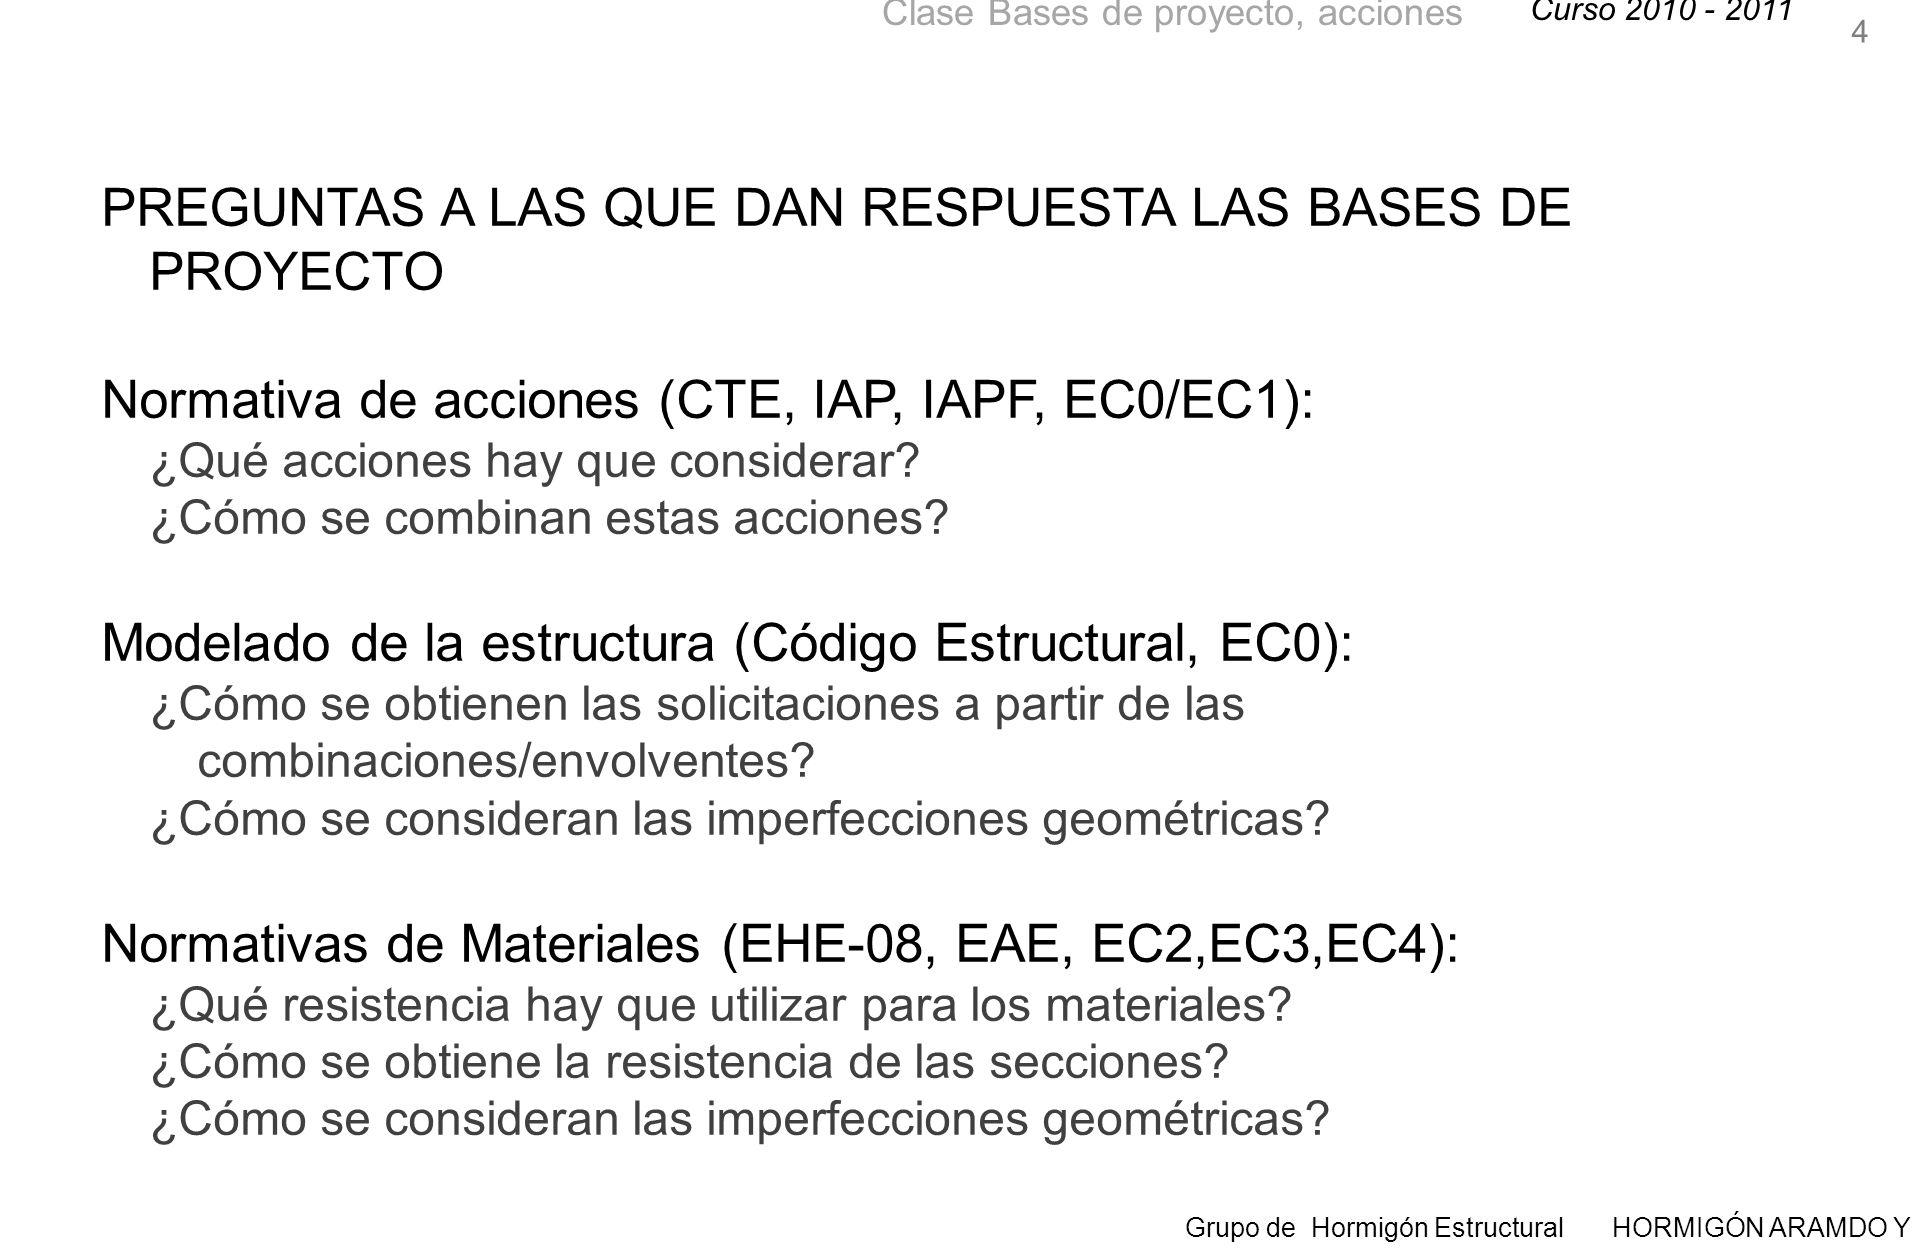 Curso 2010 - 2011 Grupo de Hormigón Estructural HORMIGÓN ARAMDO Y PRETENSADO II Clase Bases de proyecto, acciones 25 2.6.